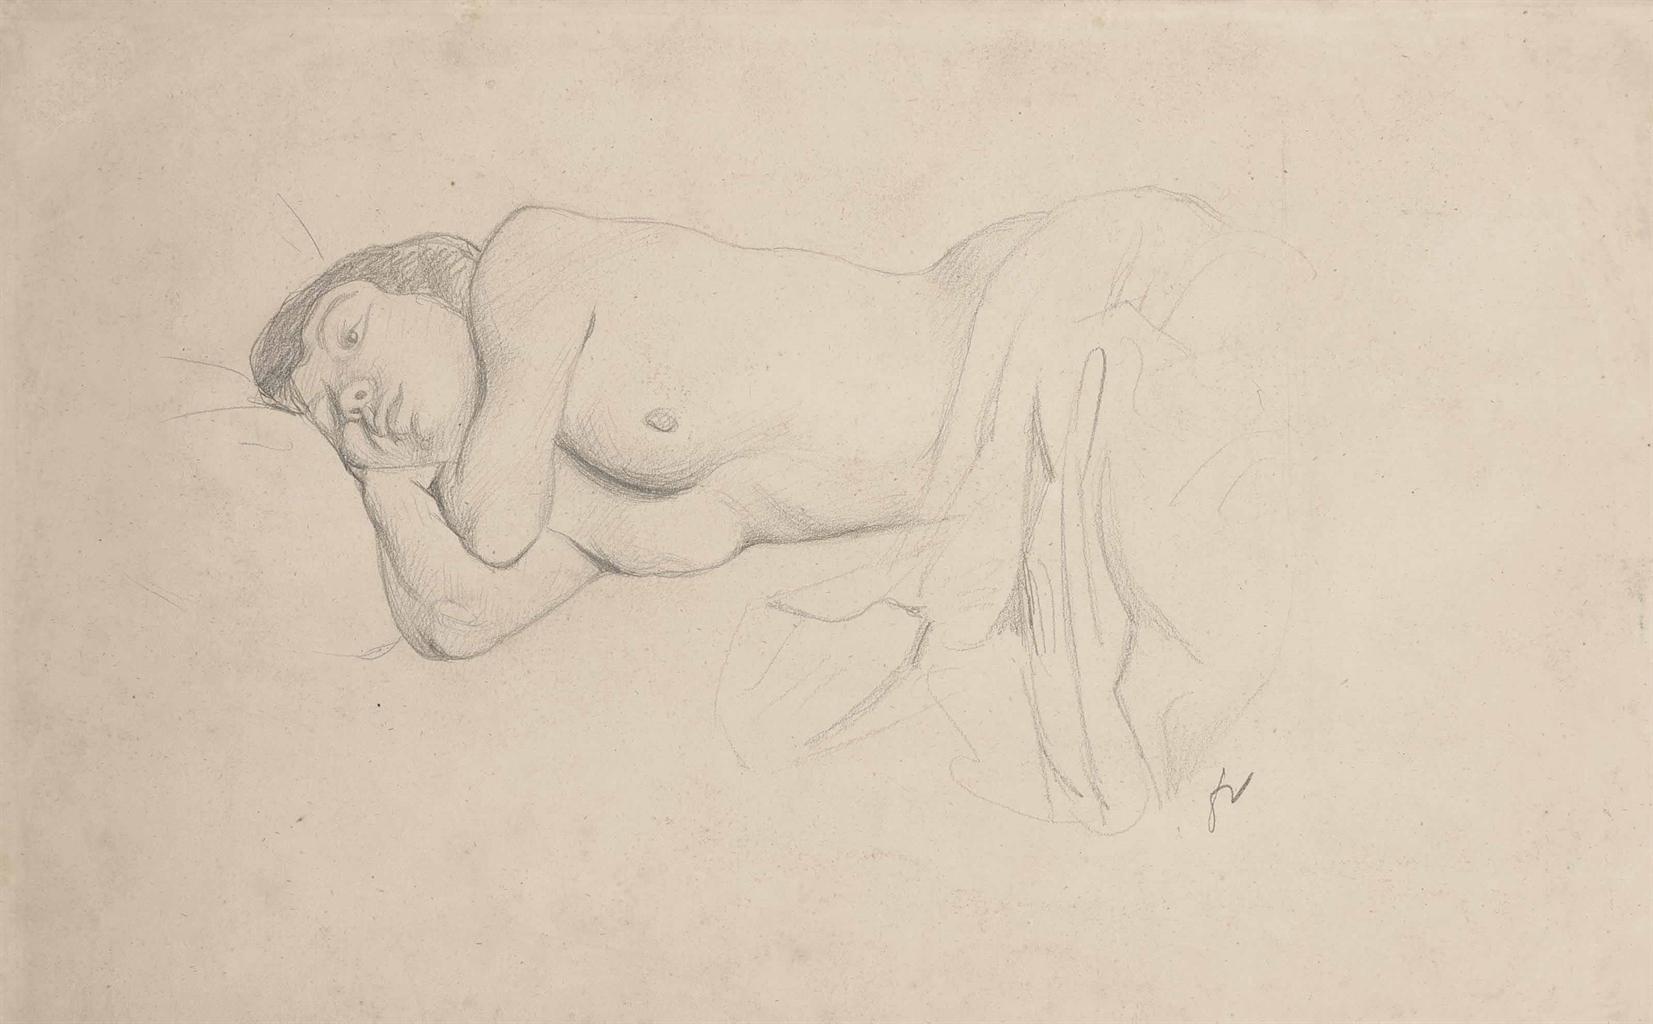 Felix Vallotton-Nu couche, etude pour 'Le Petit bleu'-1914